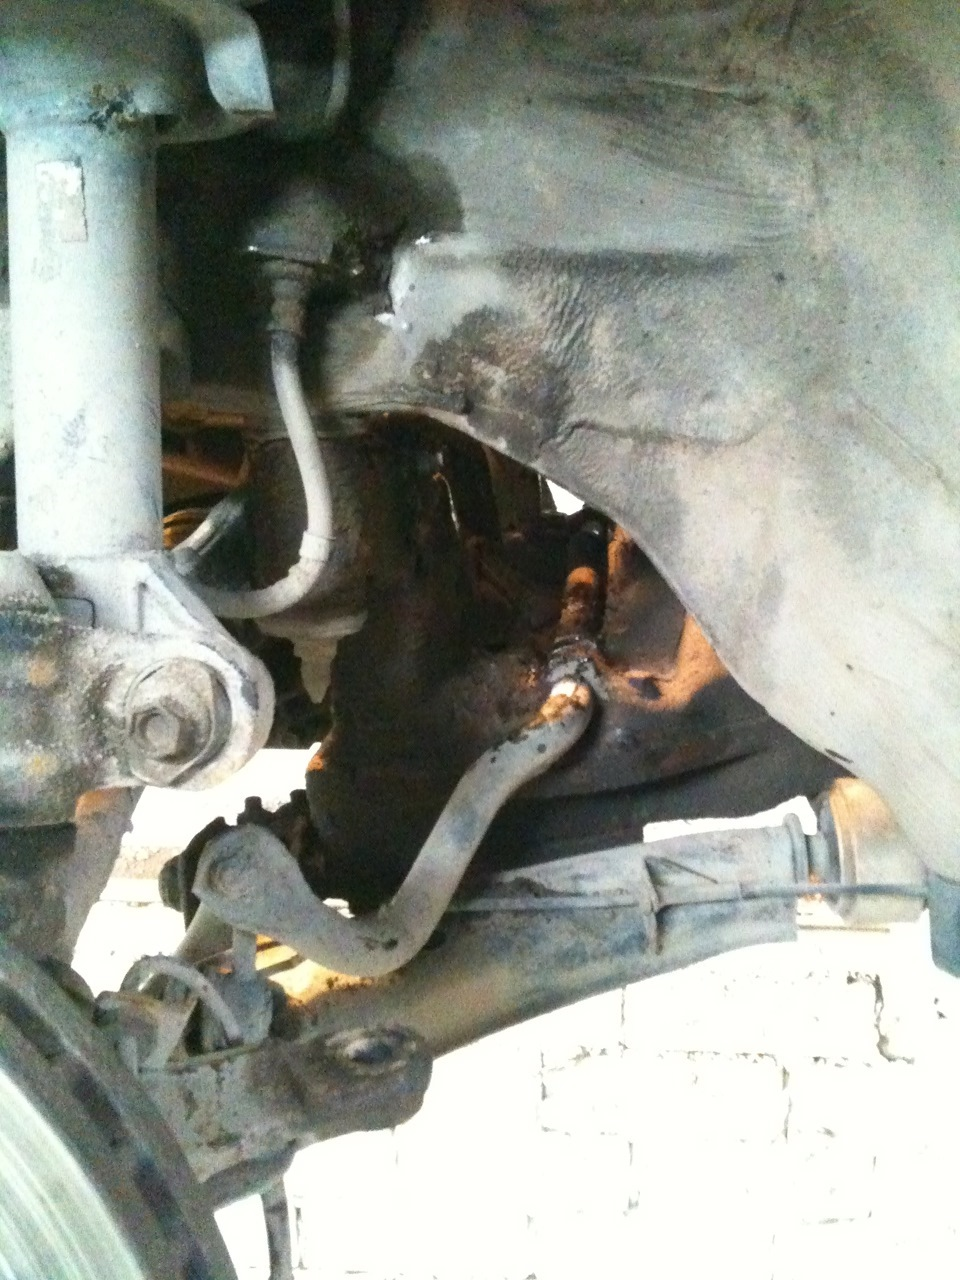 Переборка рулевой рейки Nissan Almera n16 своими руками. - logbook Nissan Almera 2004 on DRIVE2